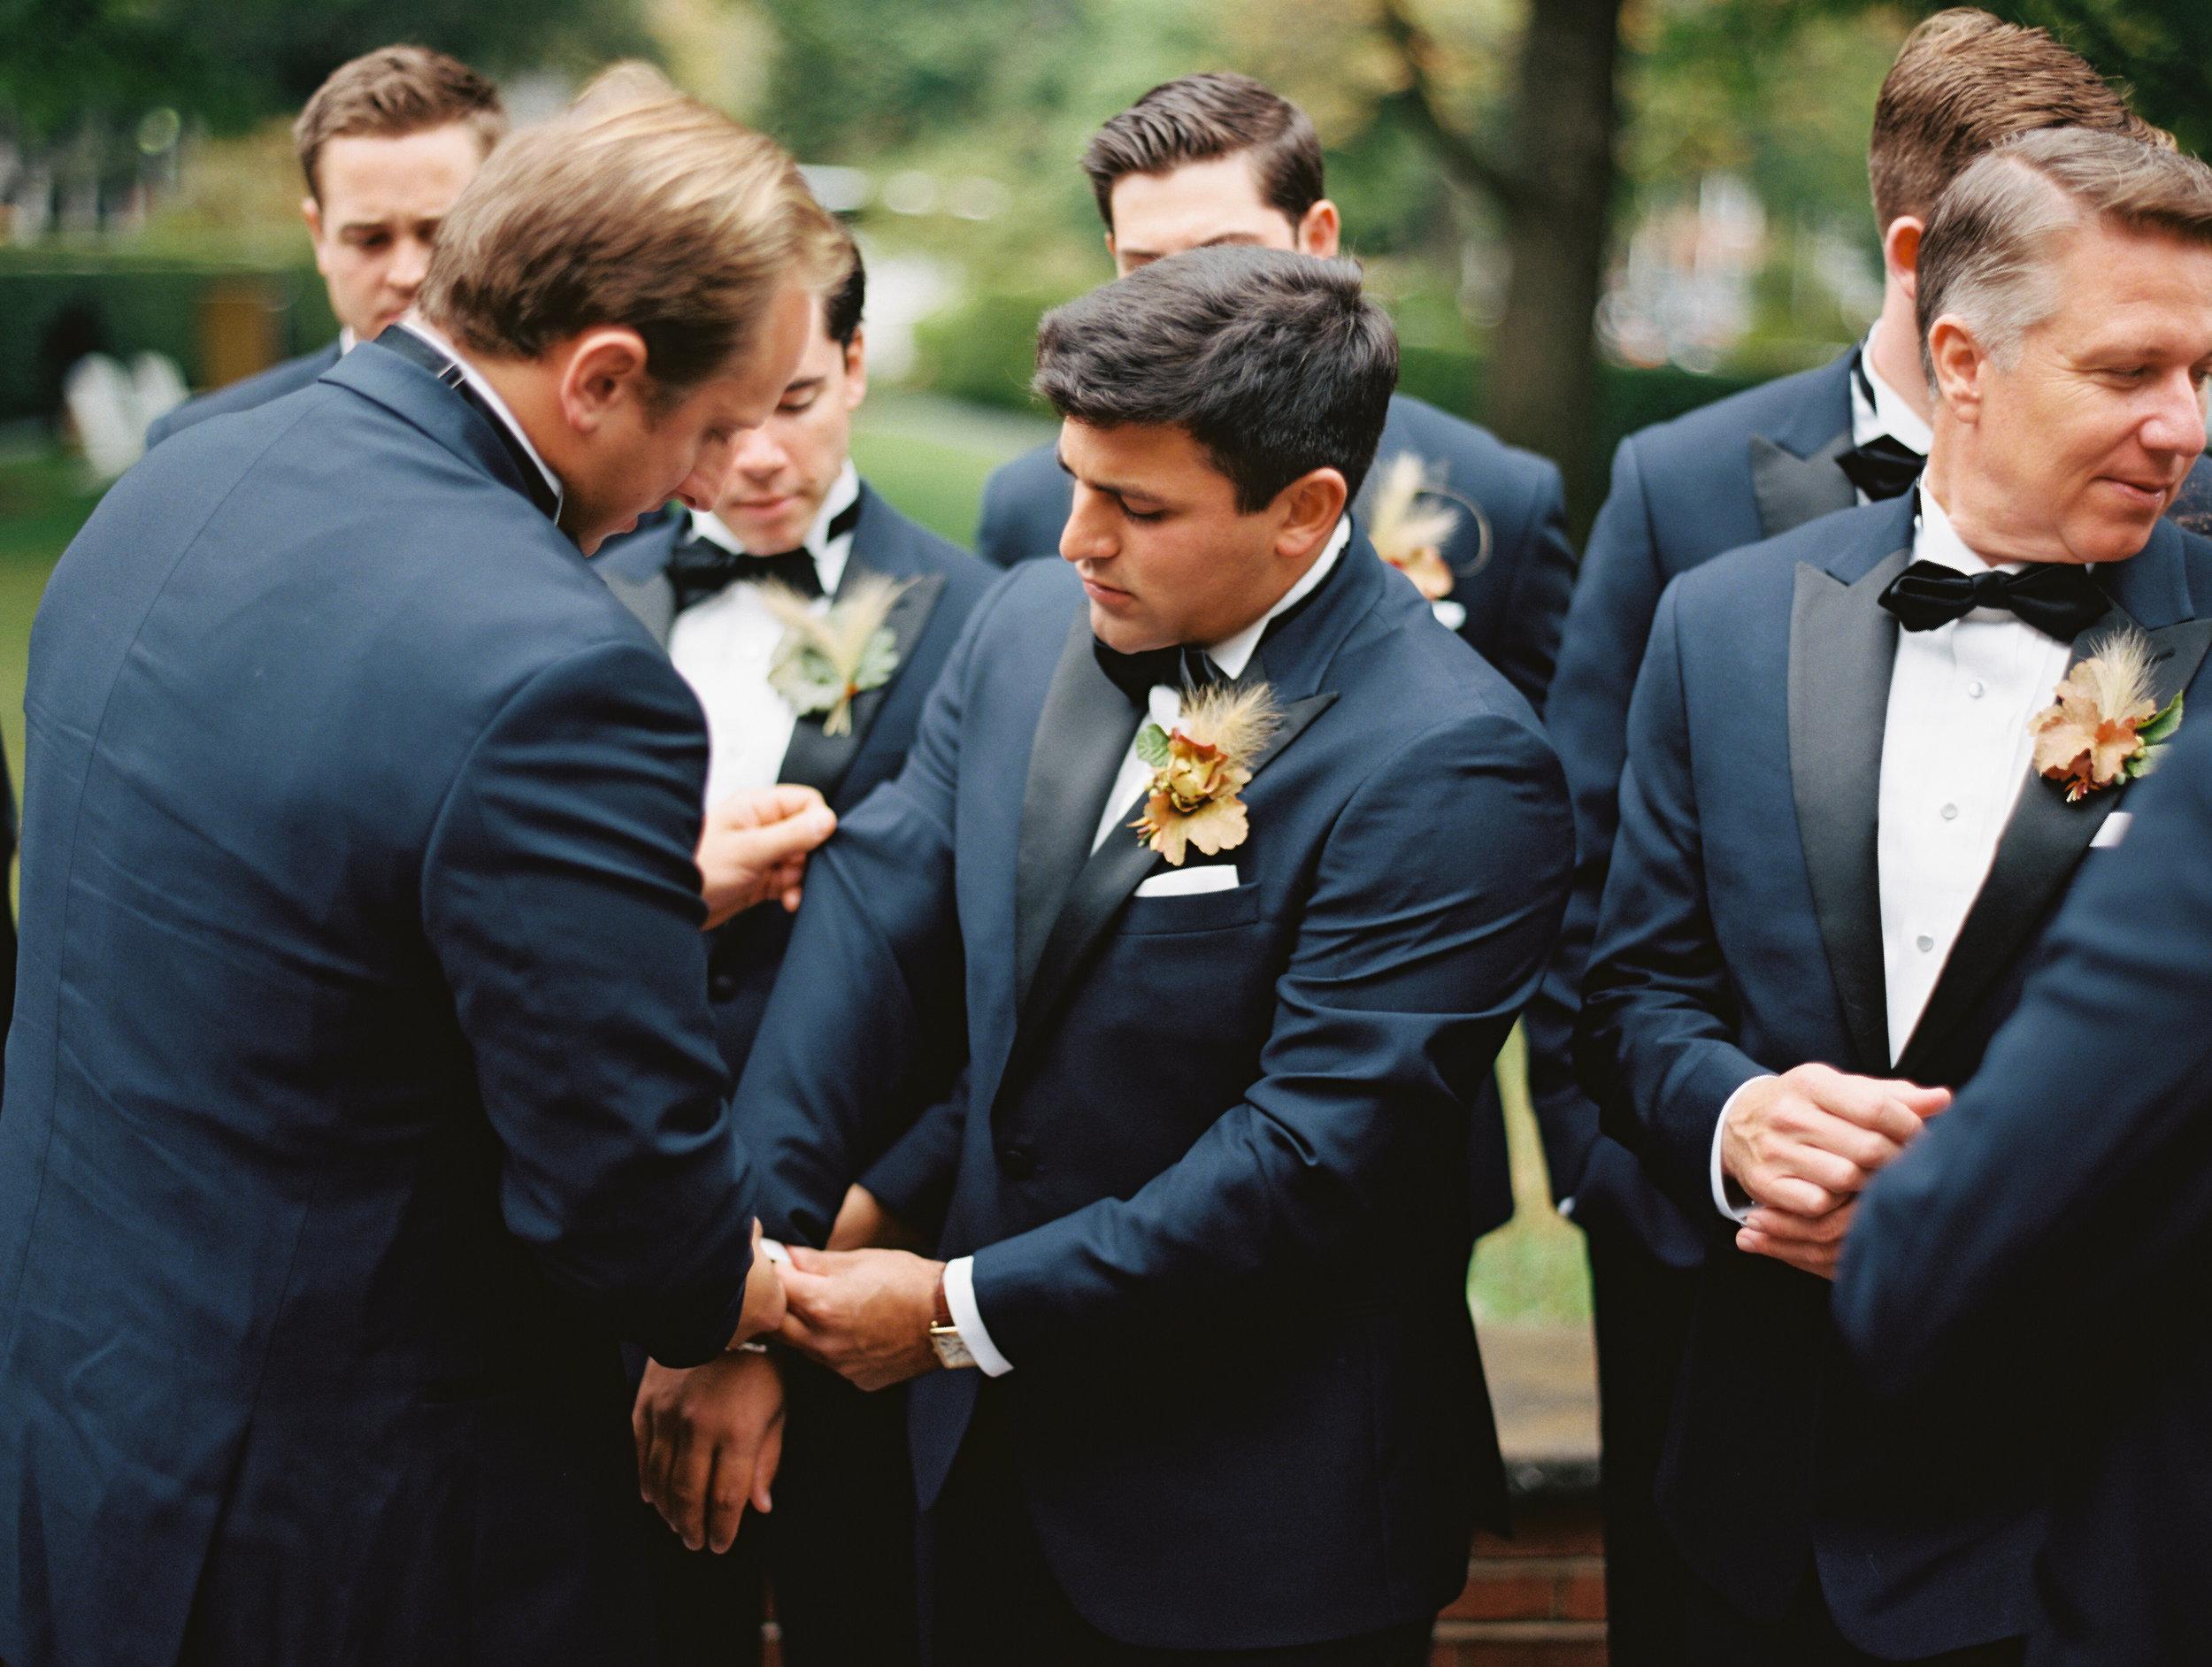 david-ali-vermont-wedding-fine-art-film188.jpg